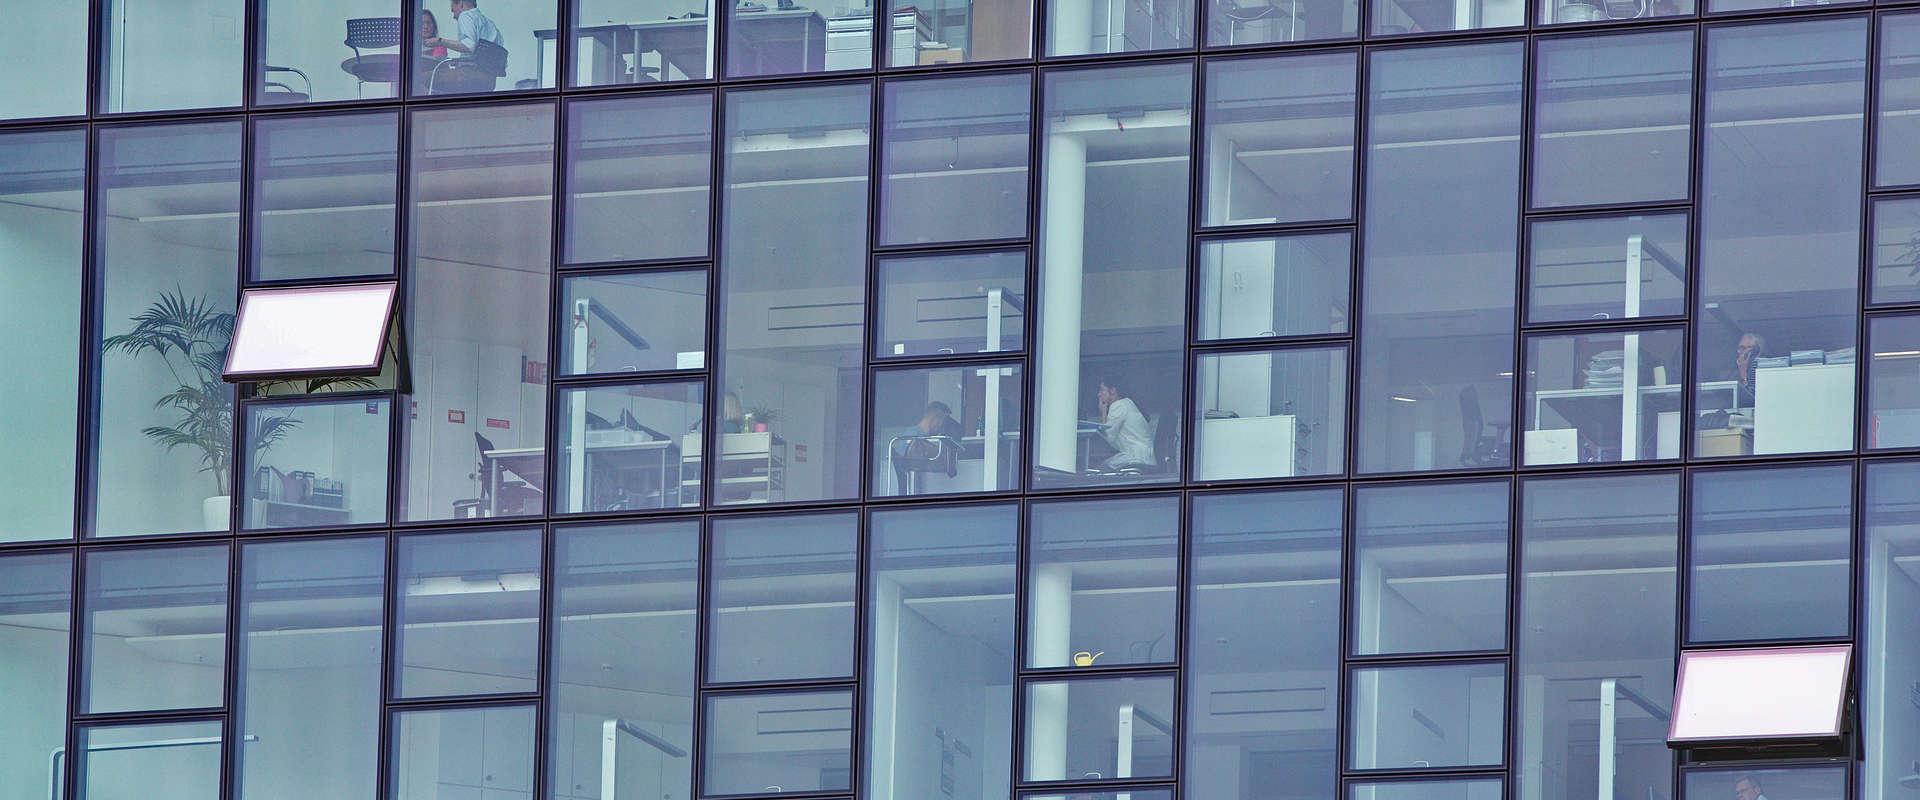 Prix pour lavage de vitres au Québec